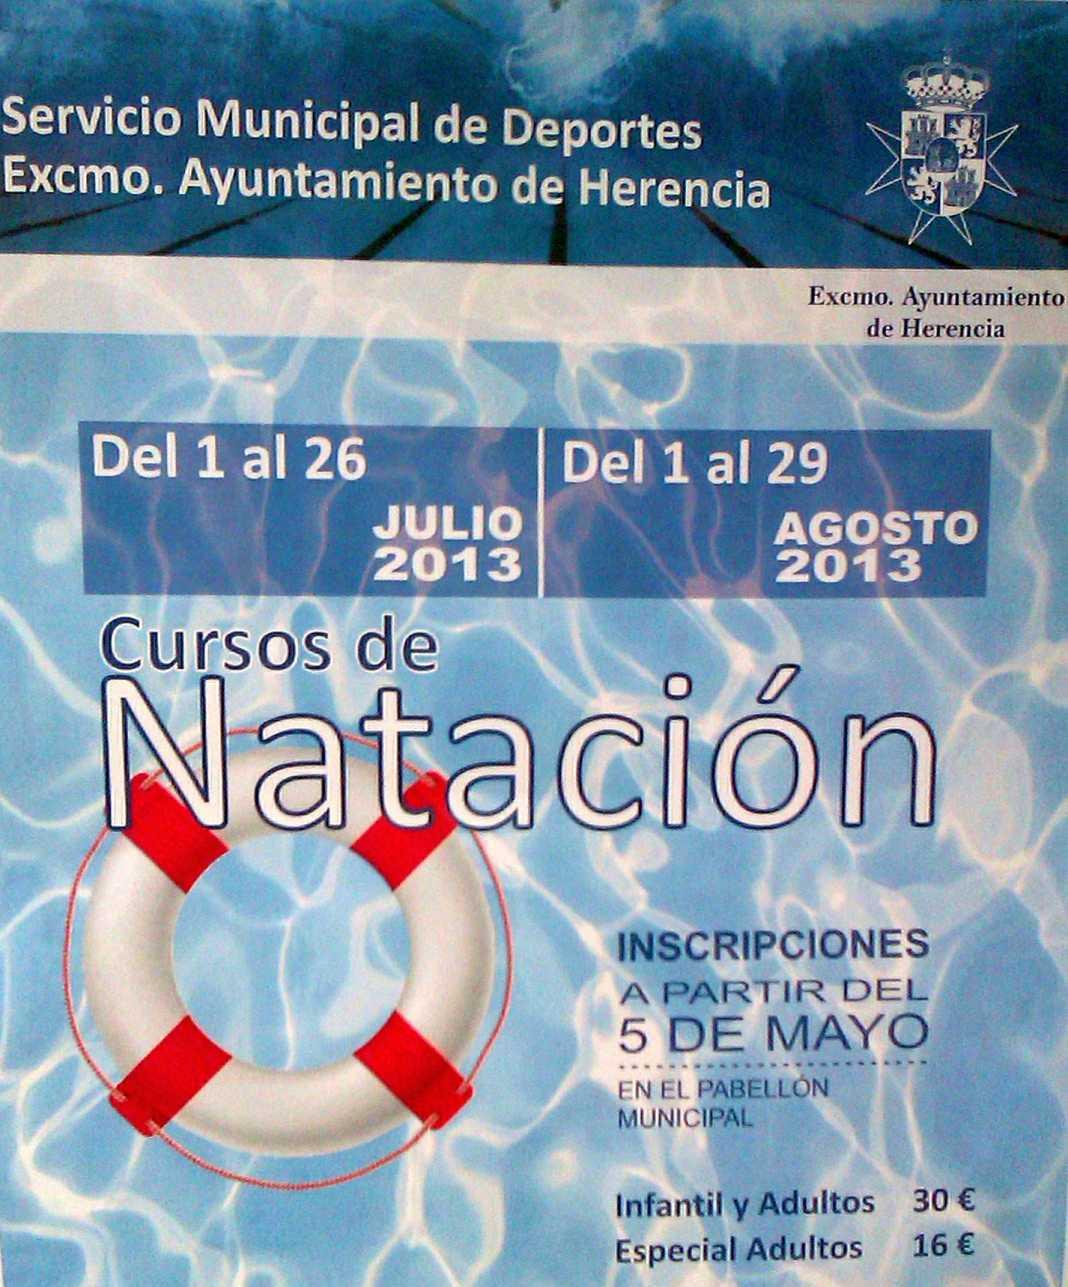 Cursillos de natación 1068x1287 - Herencia abre el 5 de mayo el plazo de solicitud para los cursillos de natación